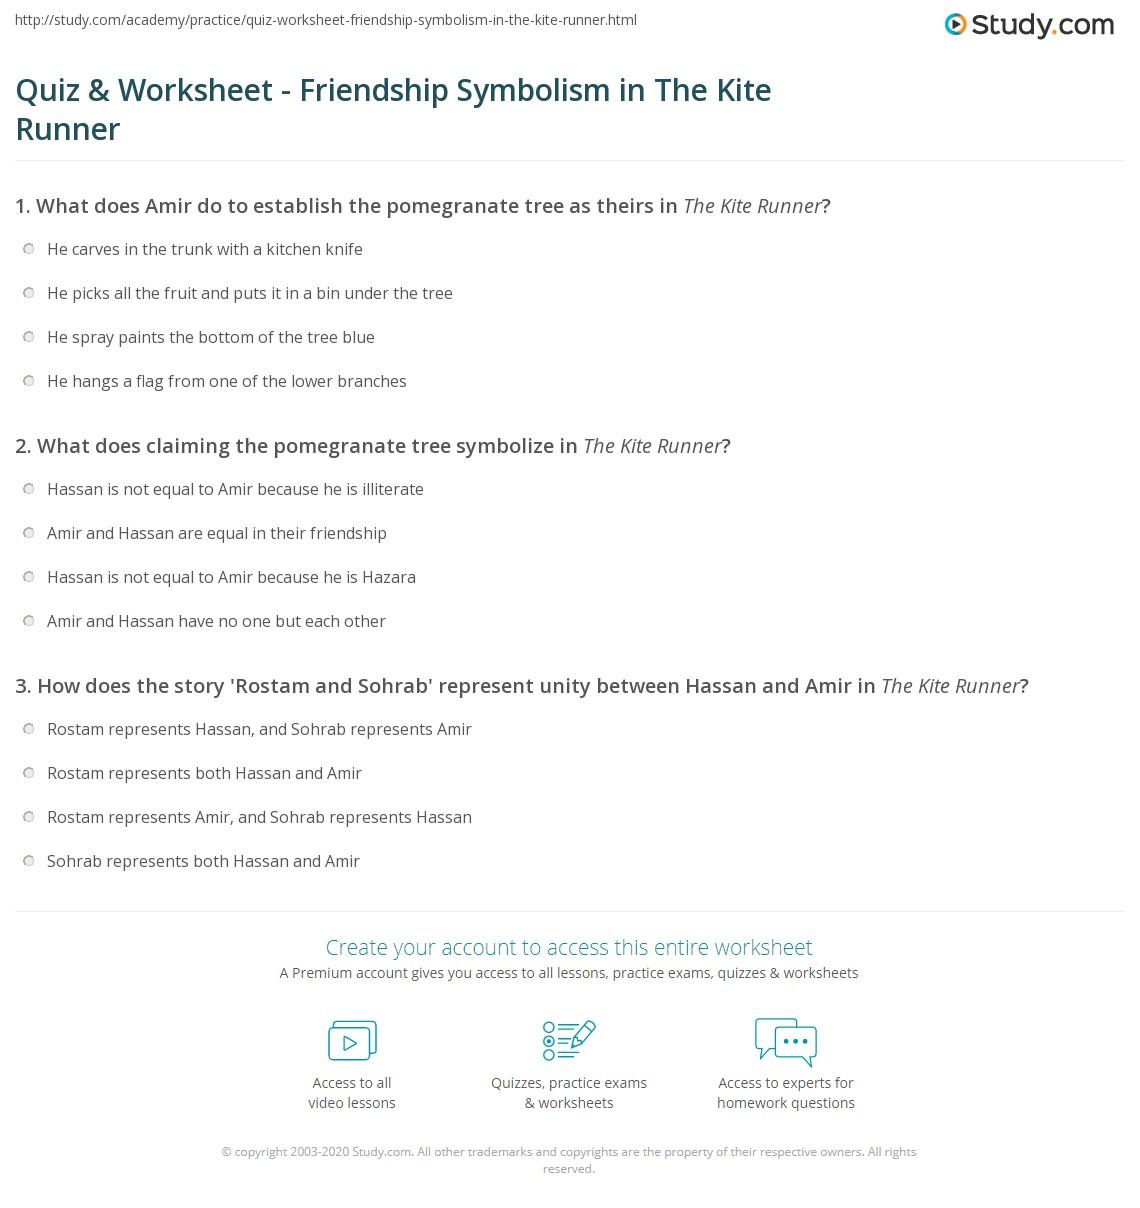 Quiz Worksheet Friendship Symbolism In The Kite Runner Study